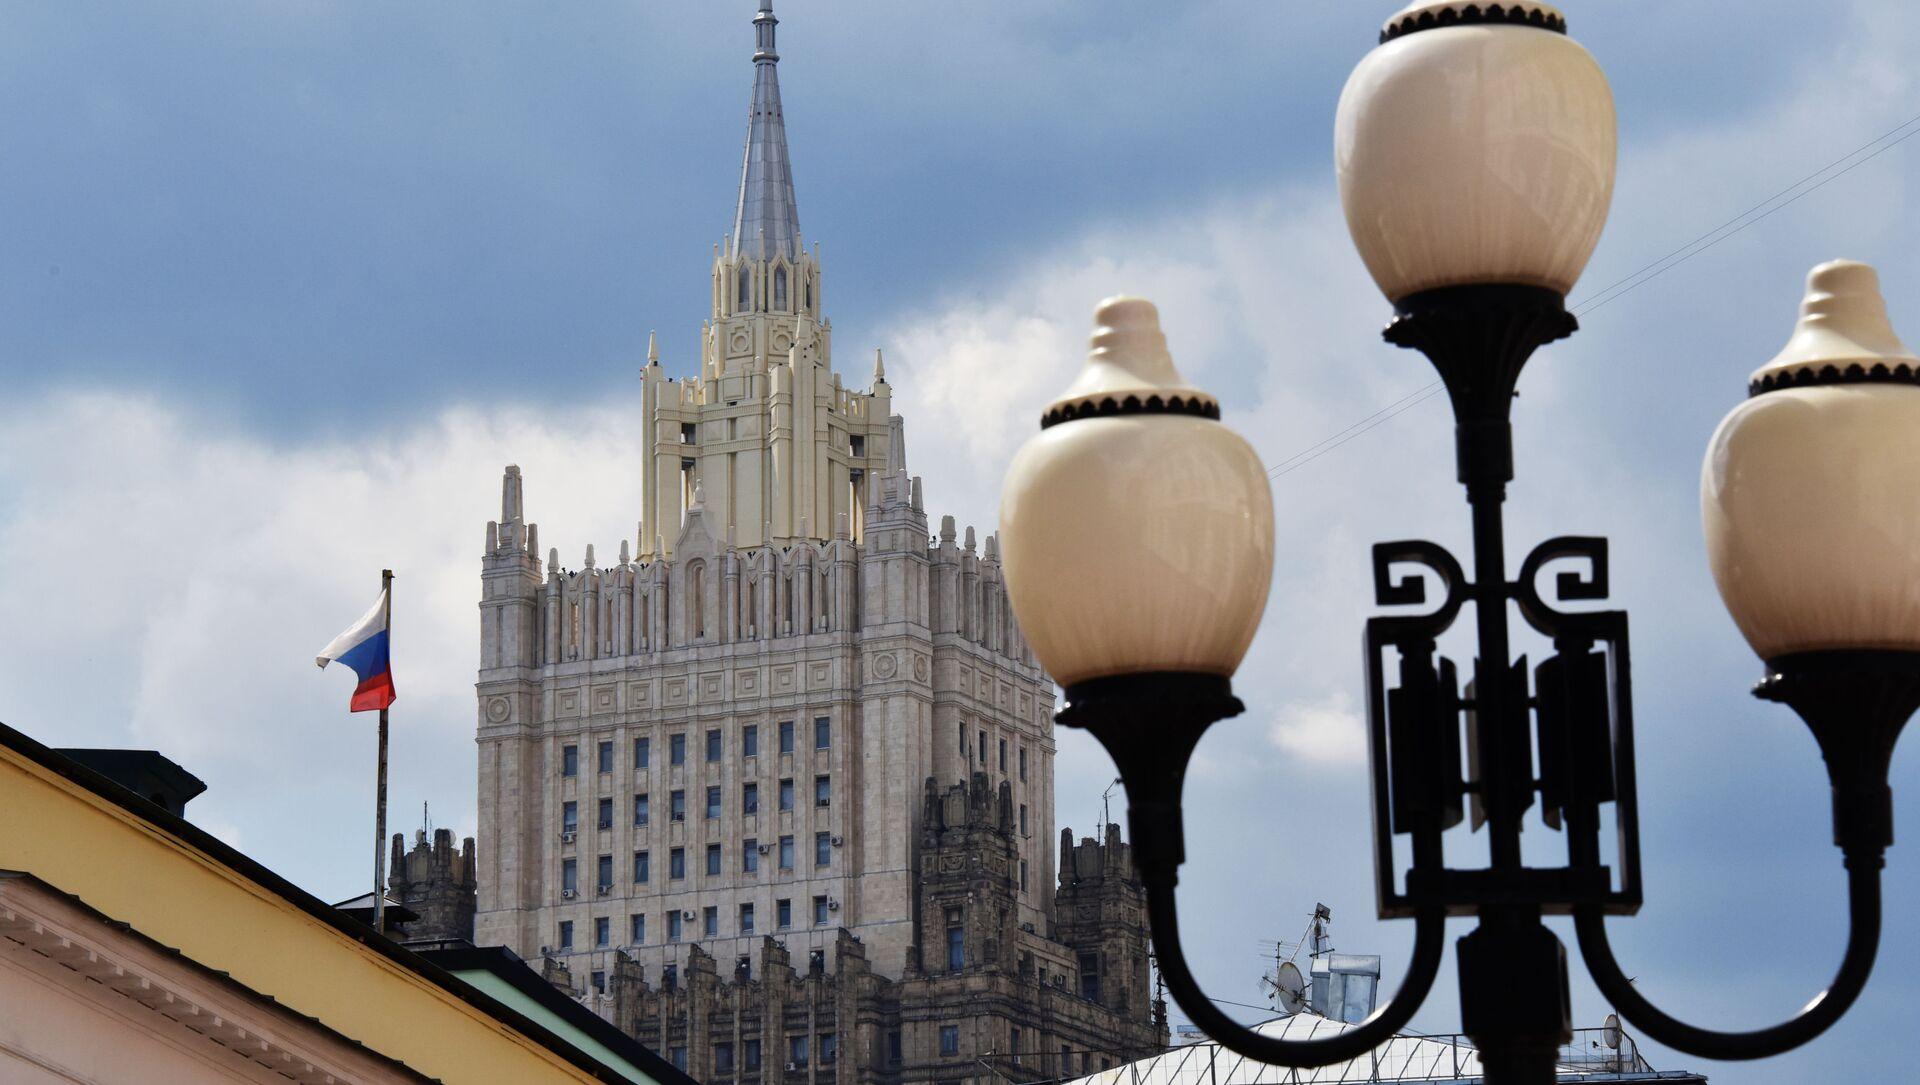 ロシア外務省 - Sputnik 日本, 1920, 17.04.2021